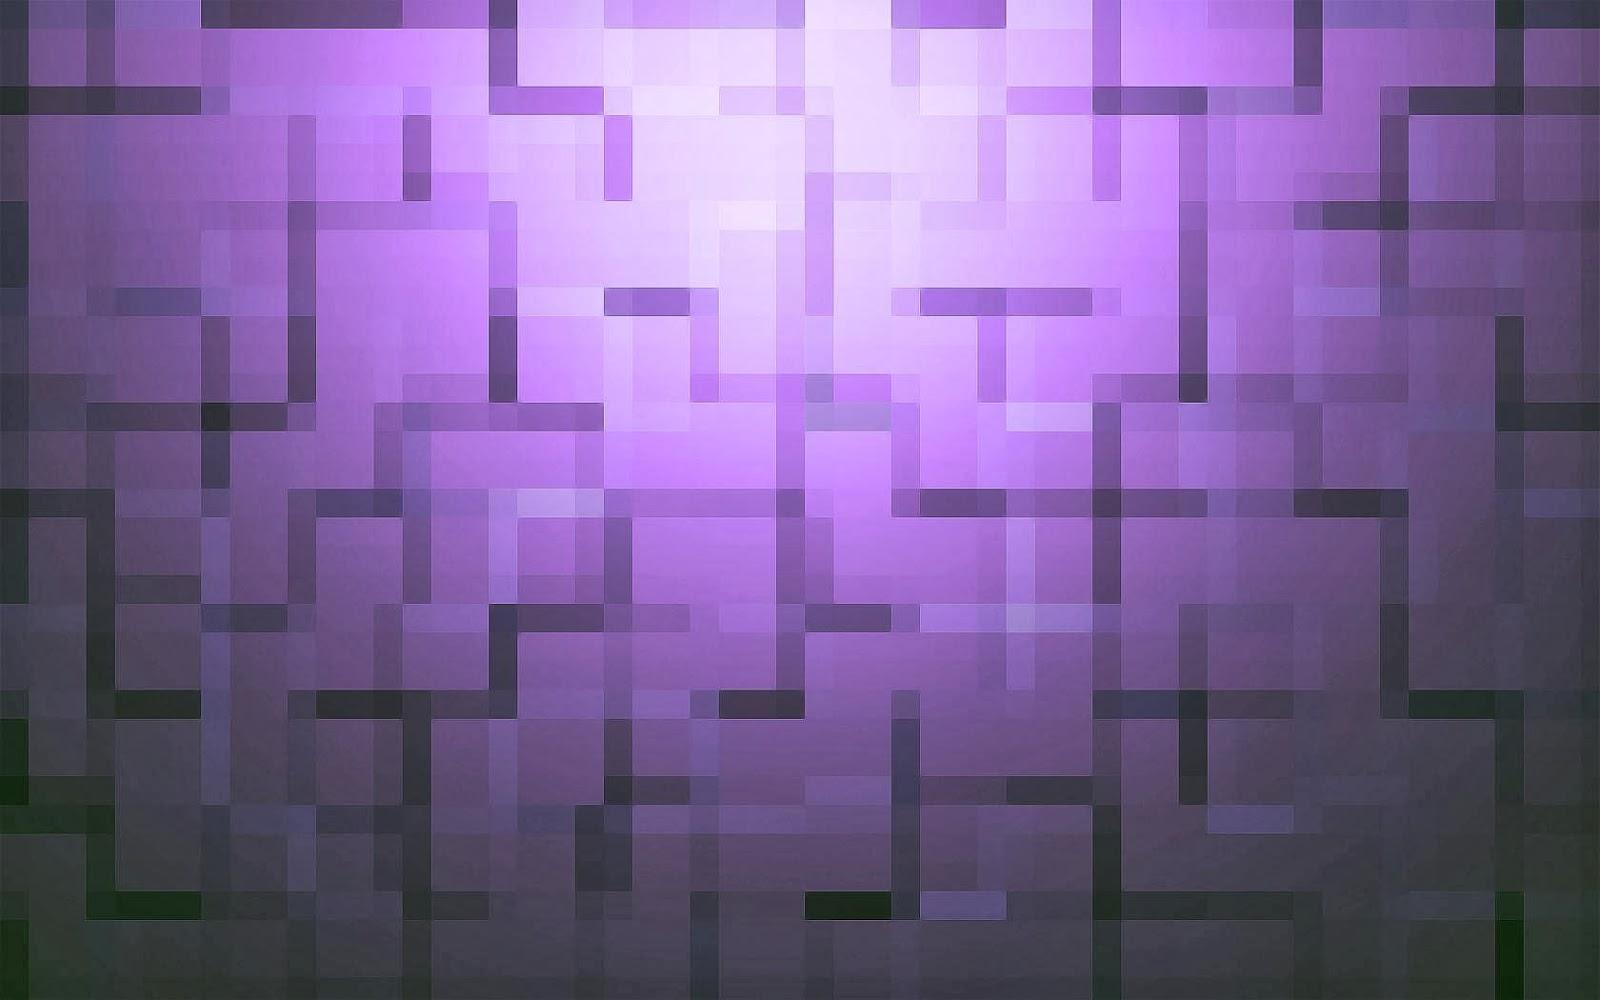 Fondo de Pantalla Abstracto Laberinto morado - imagenes abstractas ...